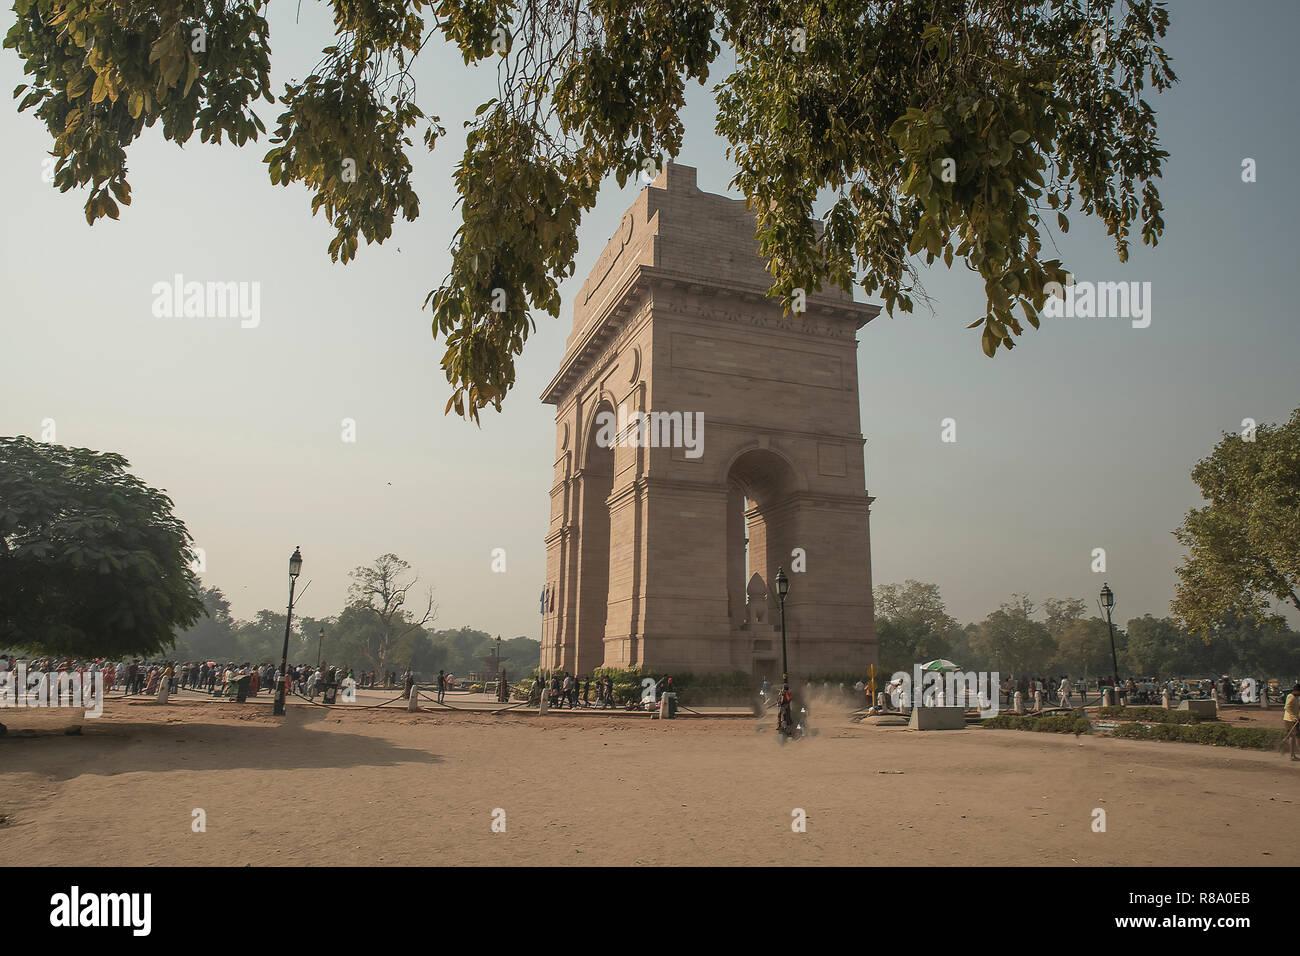 Velocità datazione Nuova Delhi online dating media ragazzo